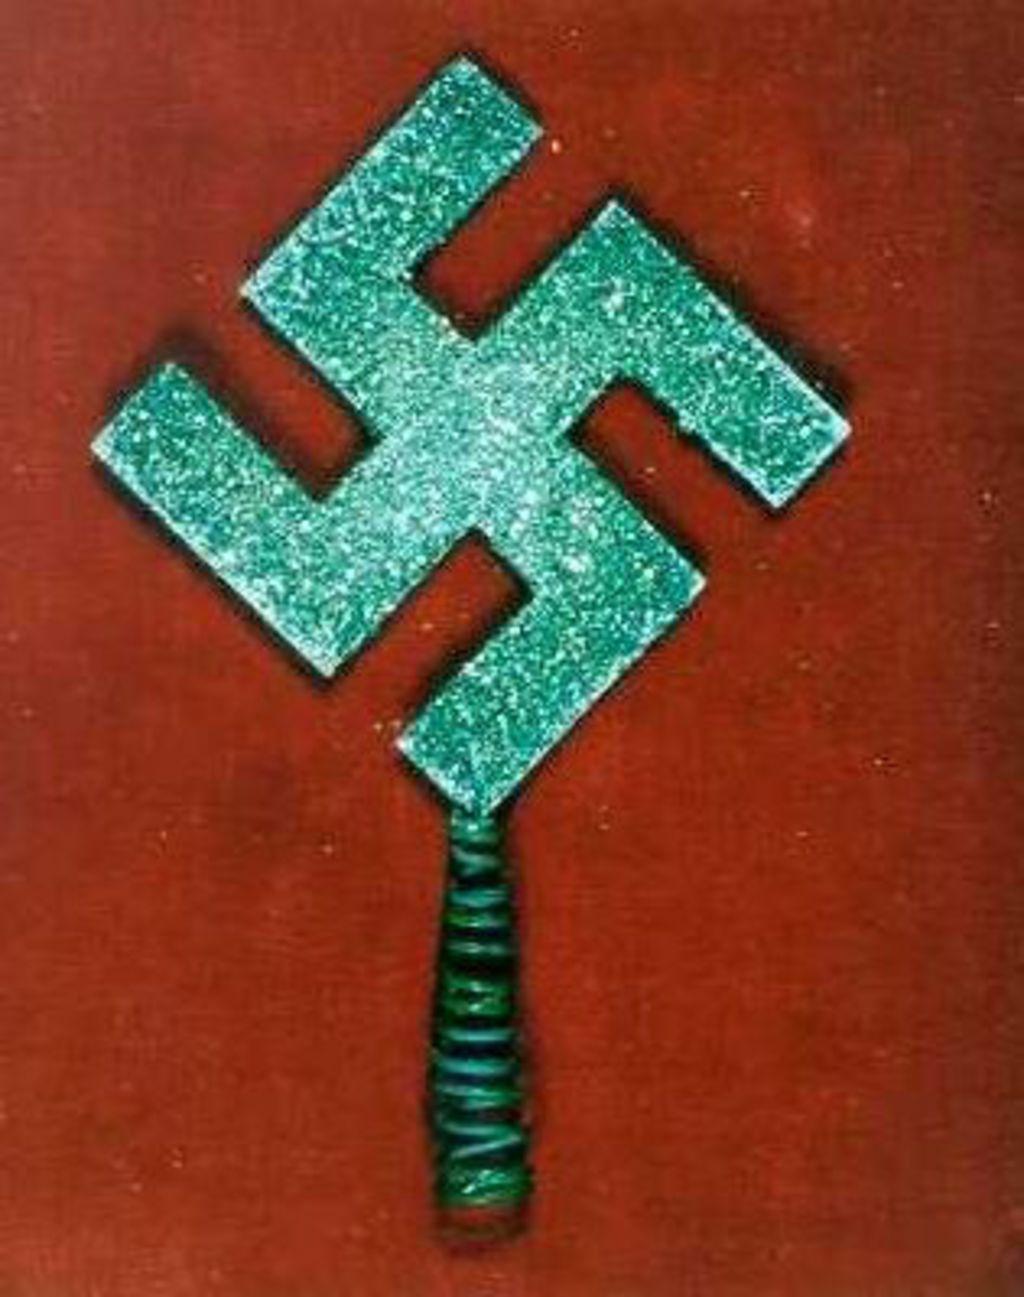 LeMO Kapitel - NS-Regime - Innenpolitik - Hakenkreuz